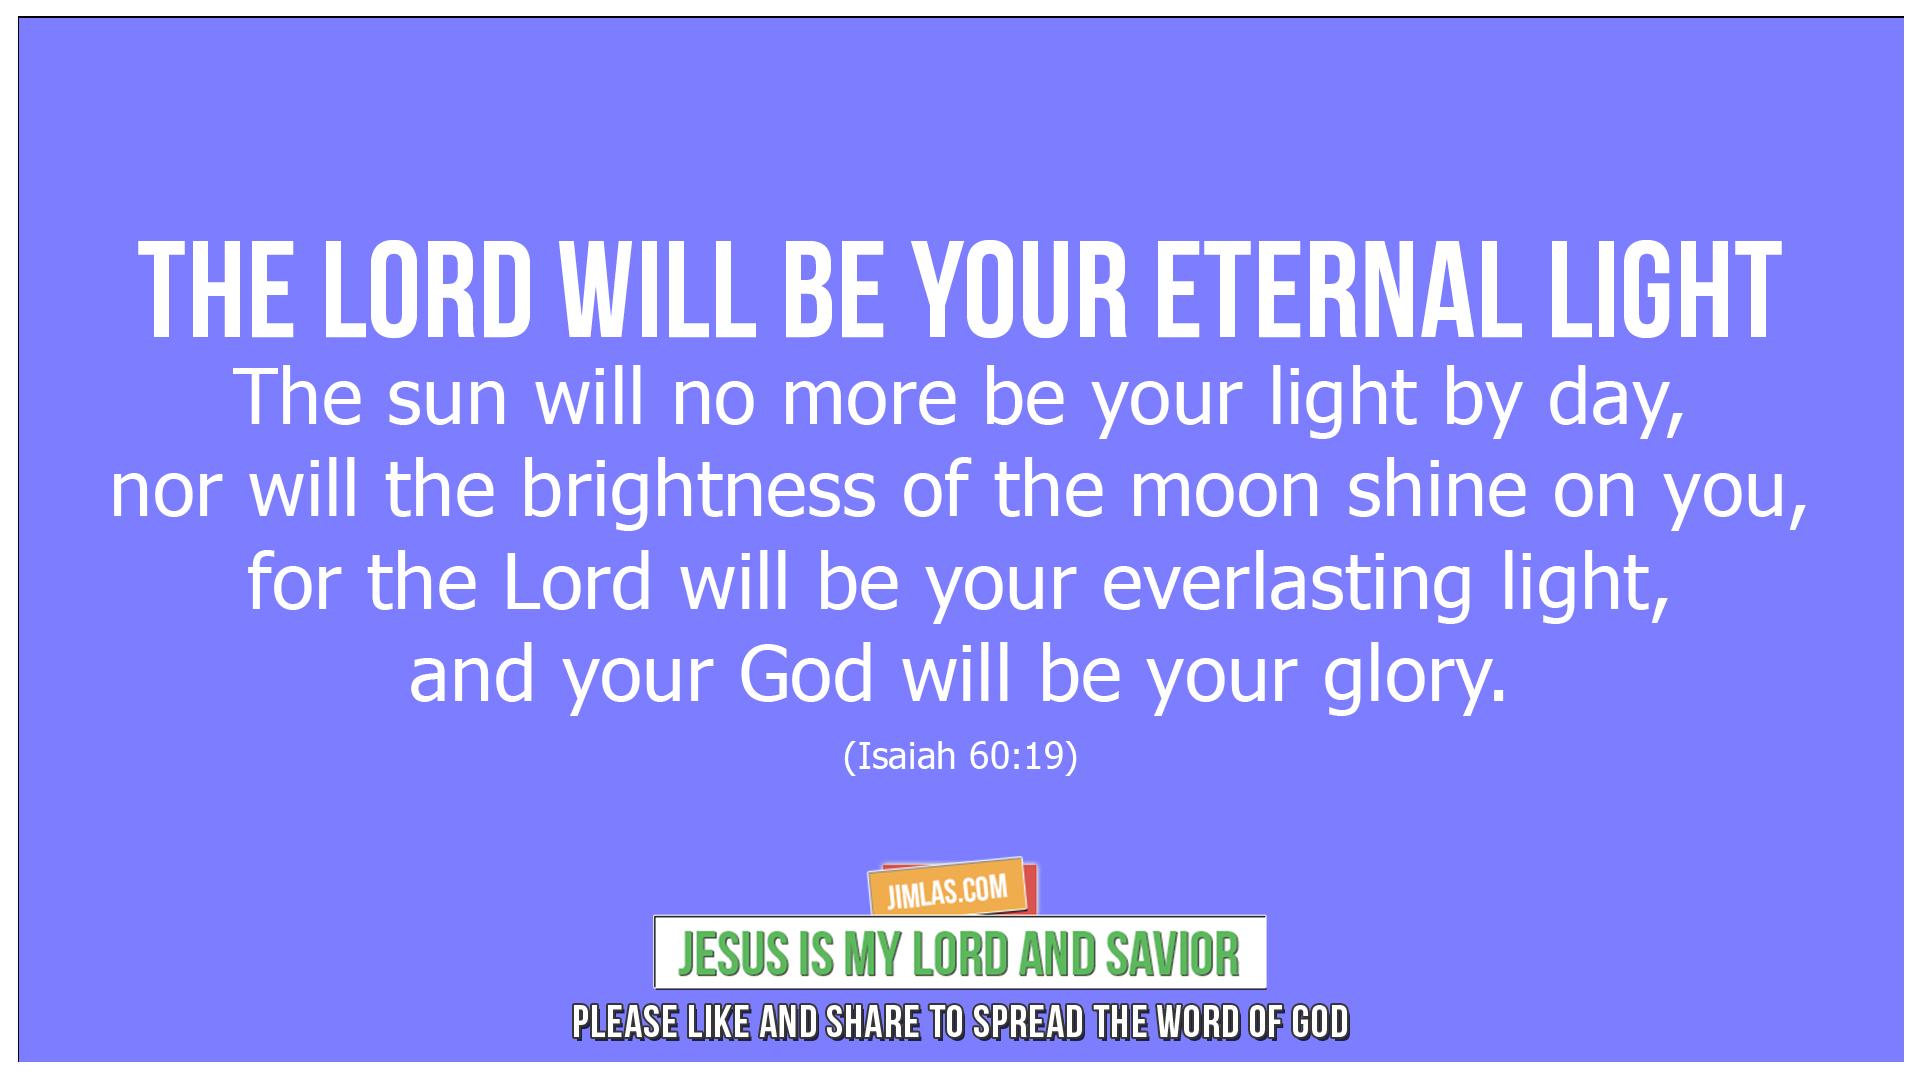 isaiah 60 19, Isaiah 60:19